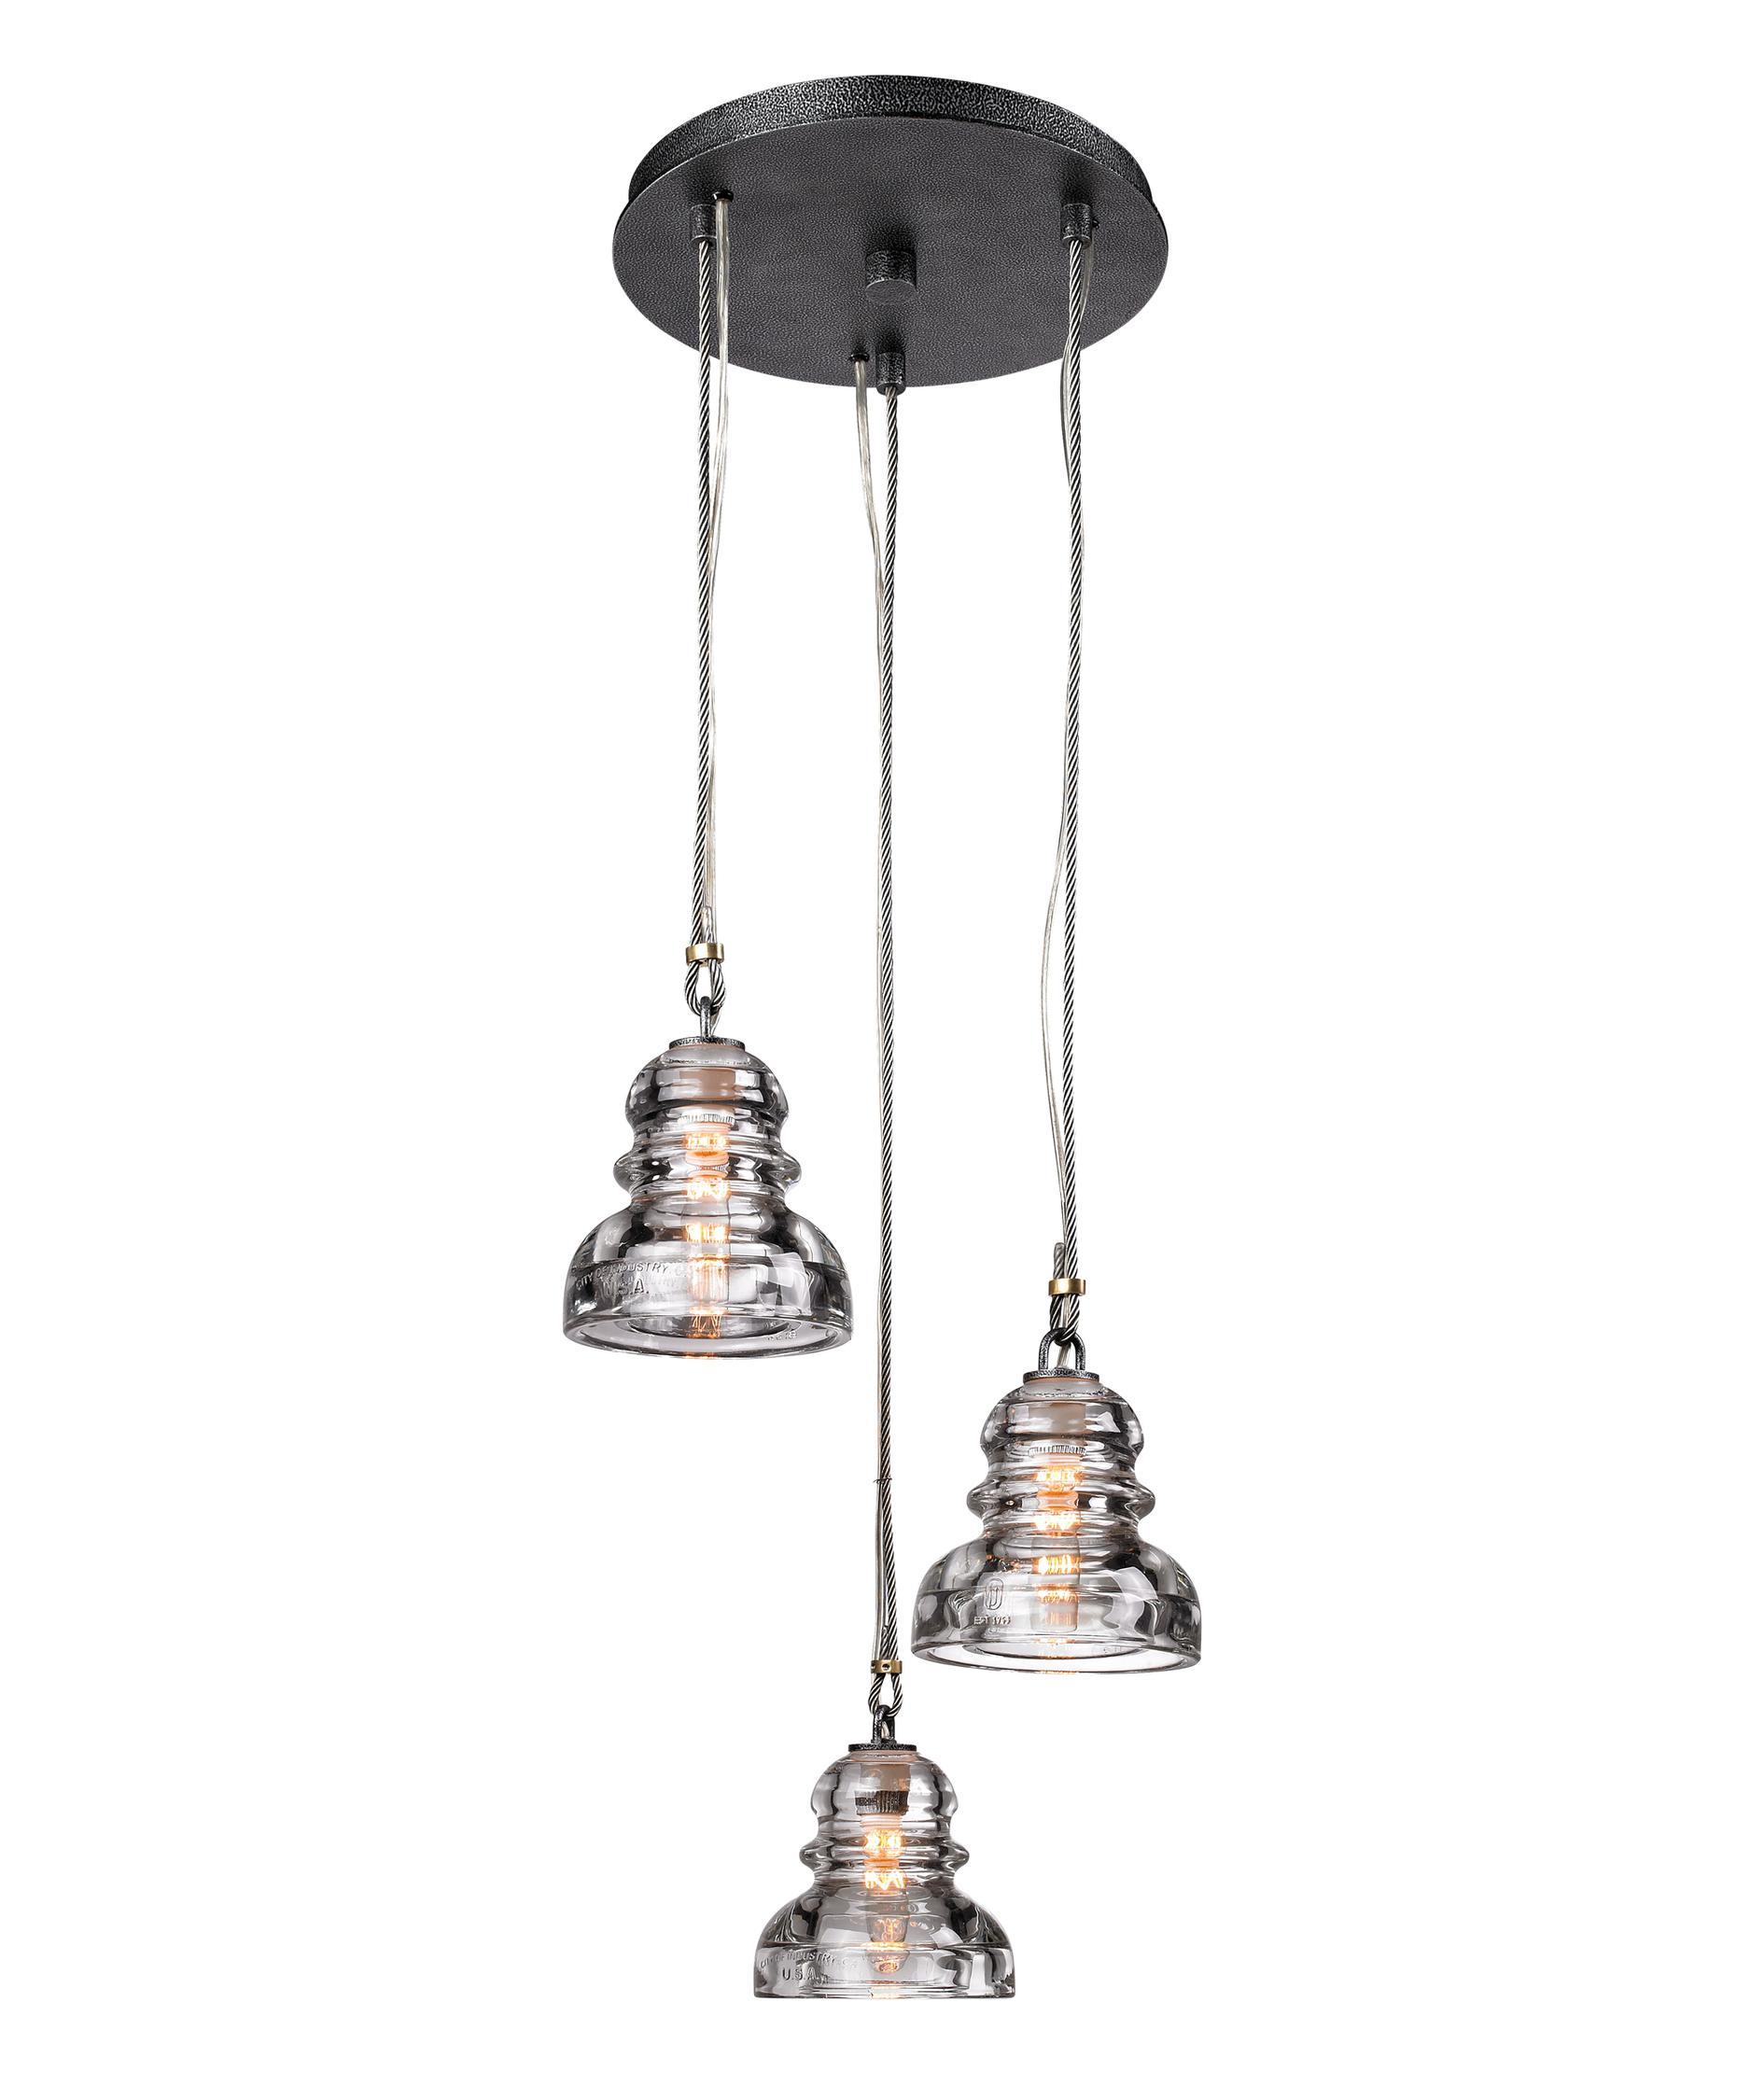 Minka Lavery Mini Pendant Light